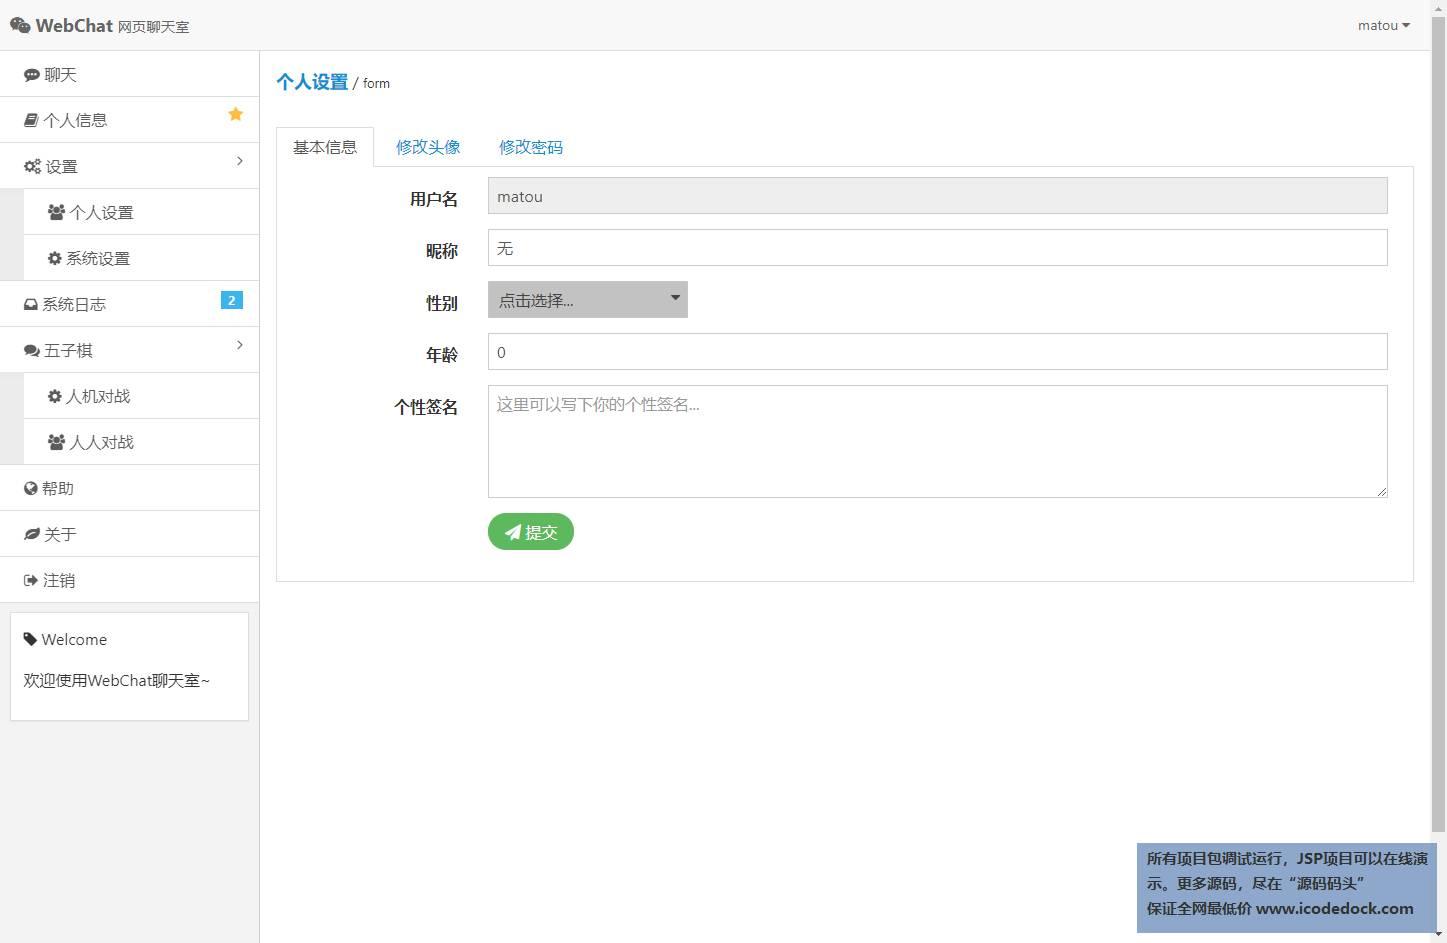 源码码头-SSM网页版聊天室平台含五子棋小游戏版-用户1角色-修改个人信息